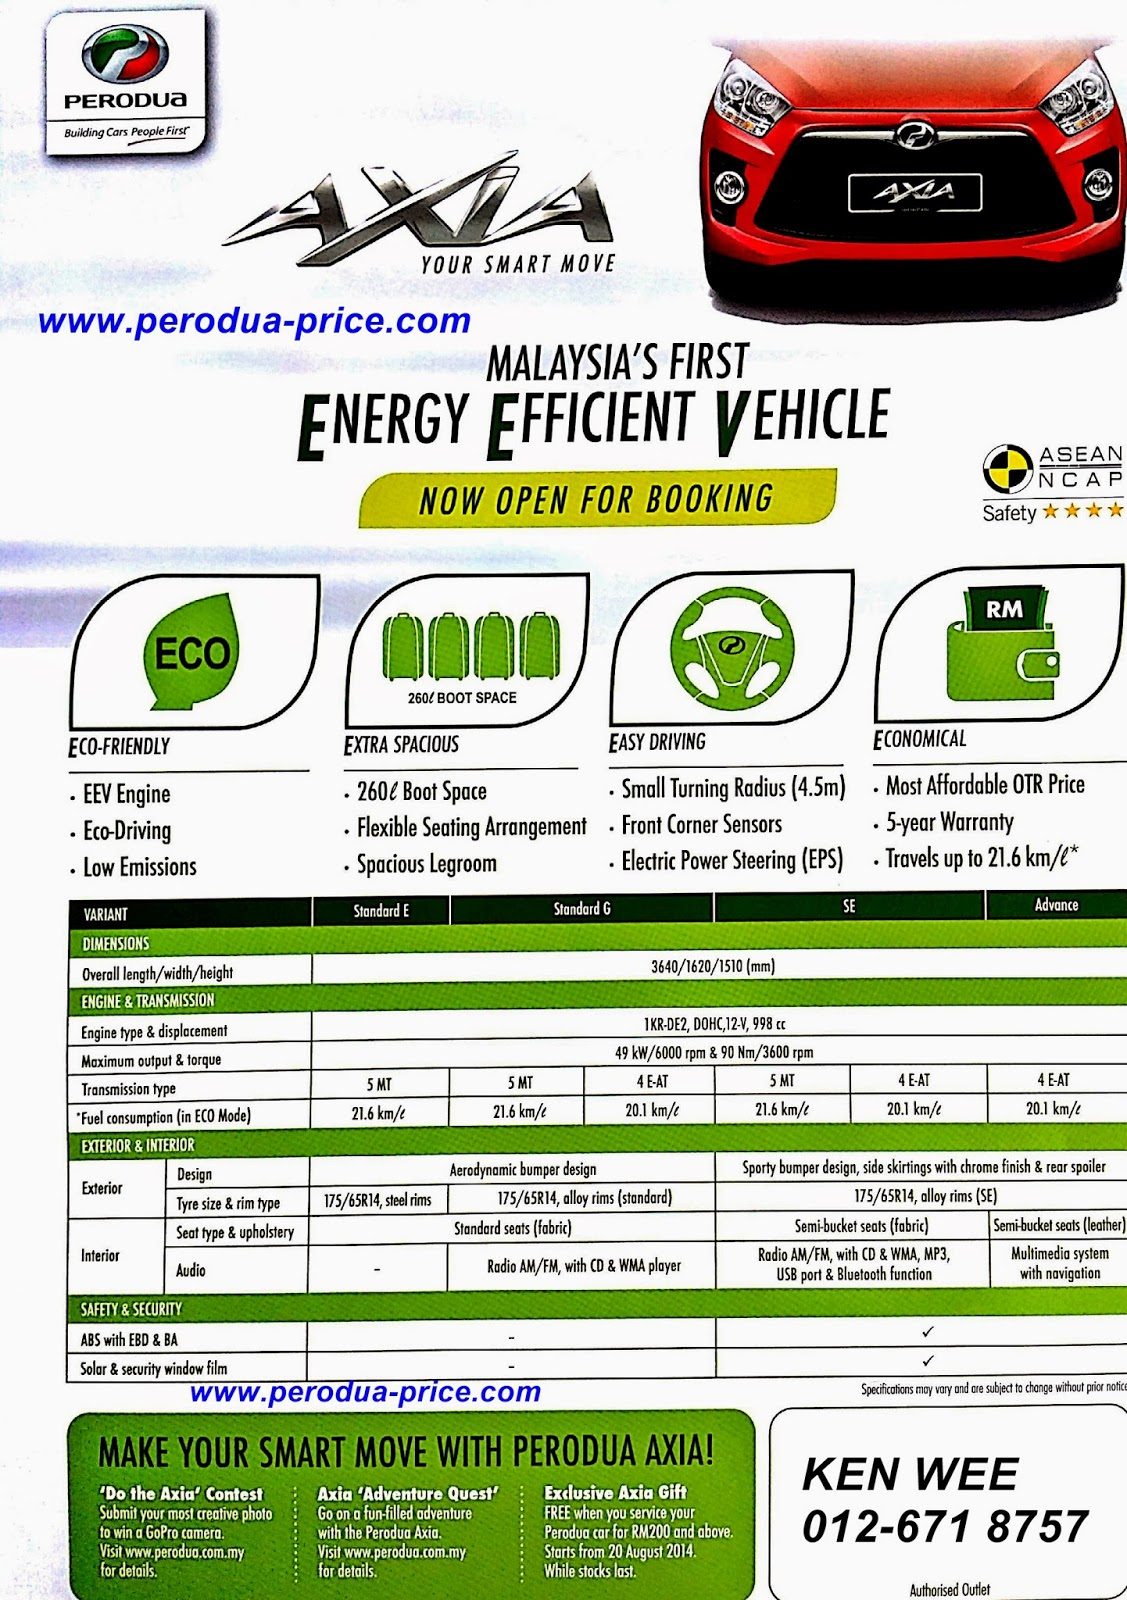 www.perodua-price.com